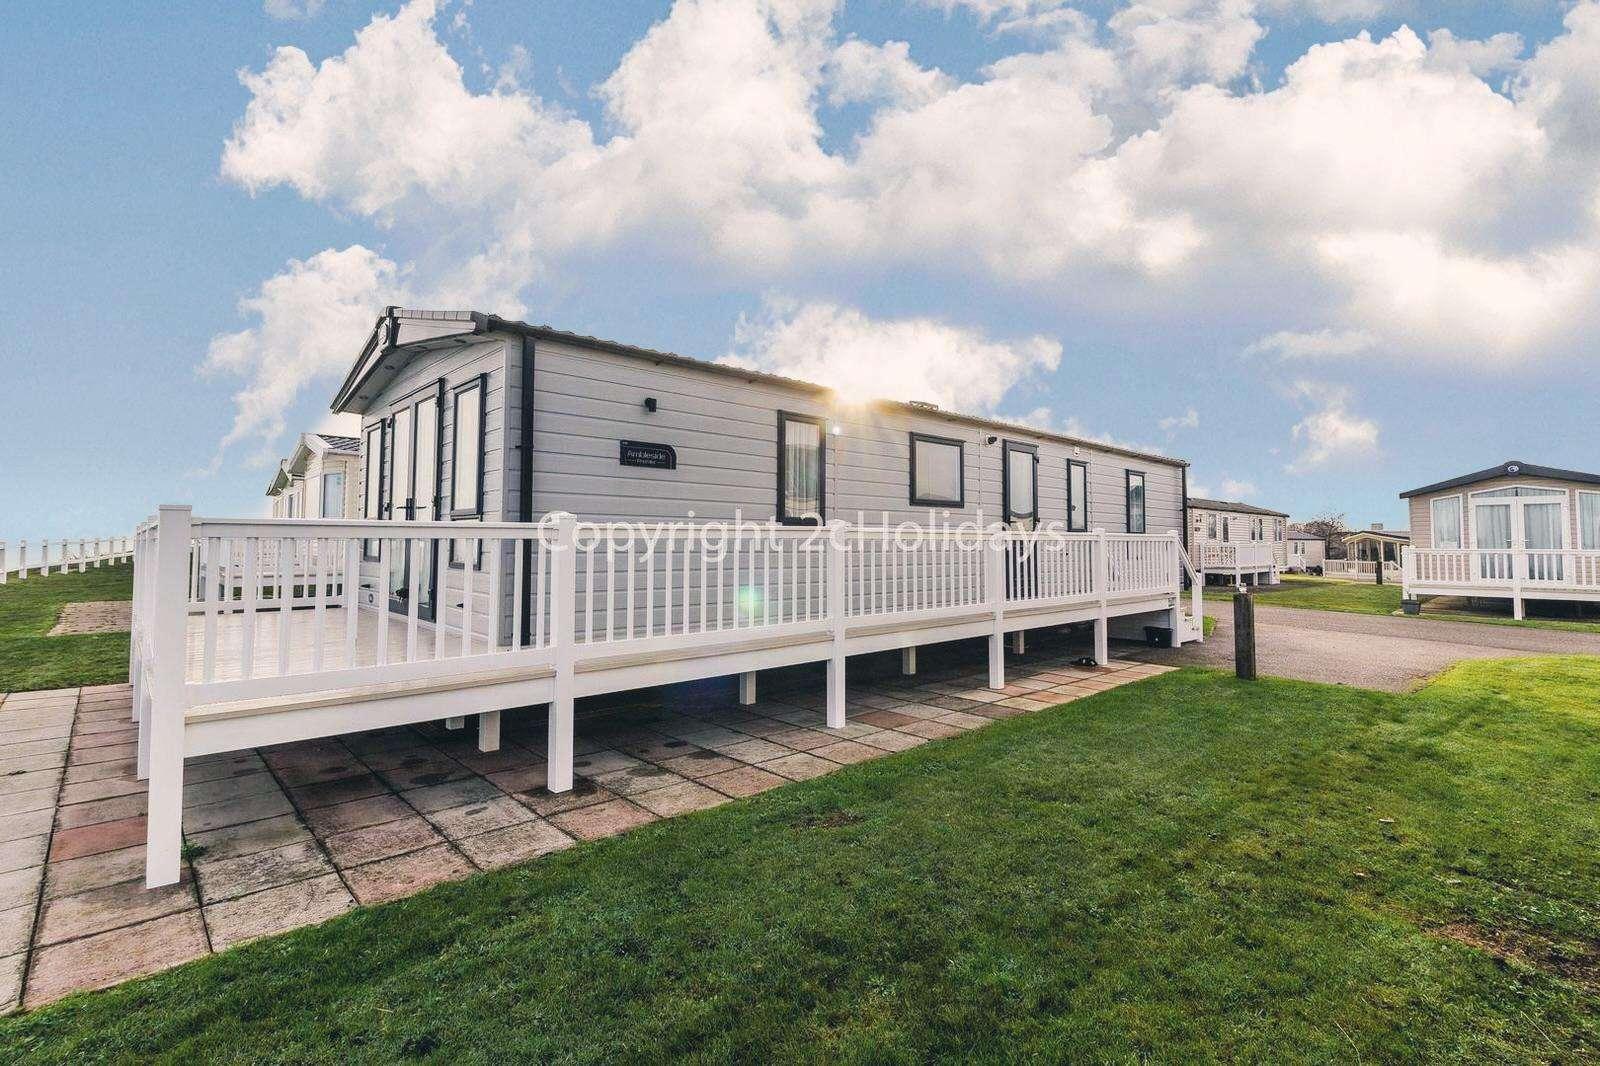 8 berth accommodation at Hopton Holiday Village